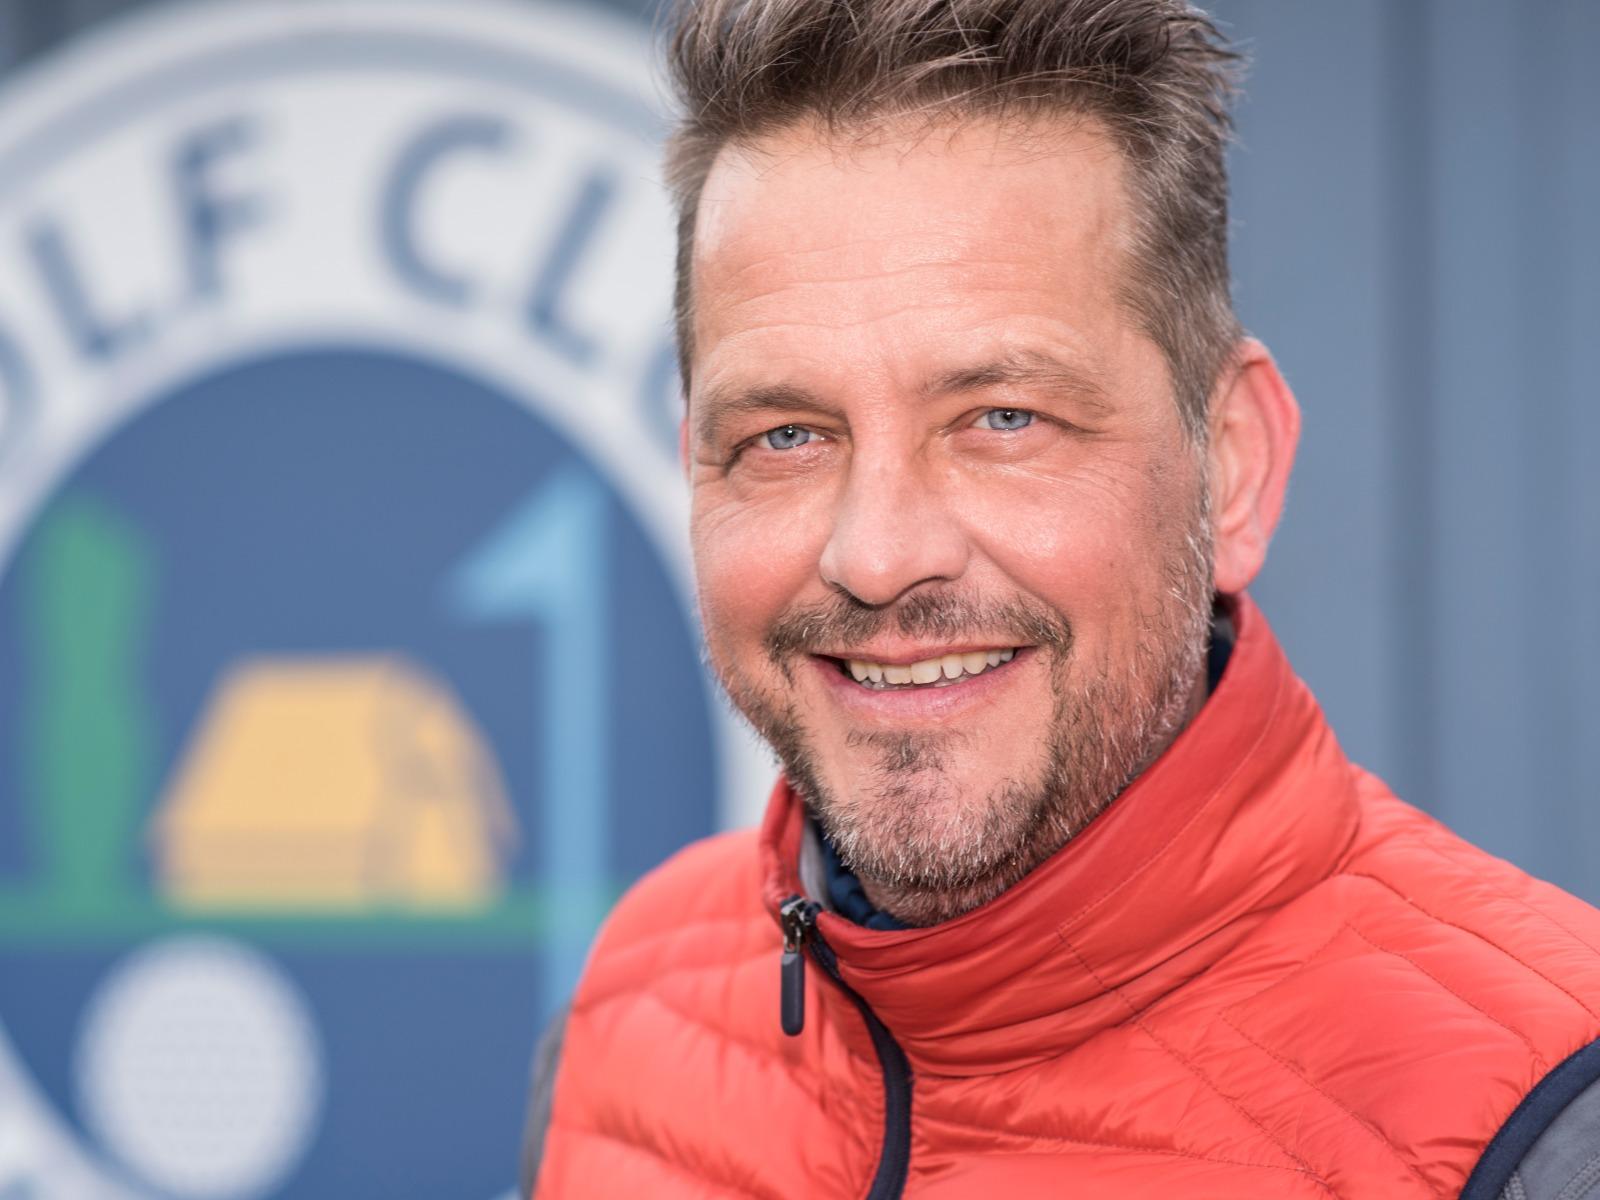 Florian Körte